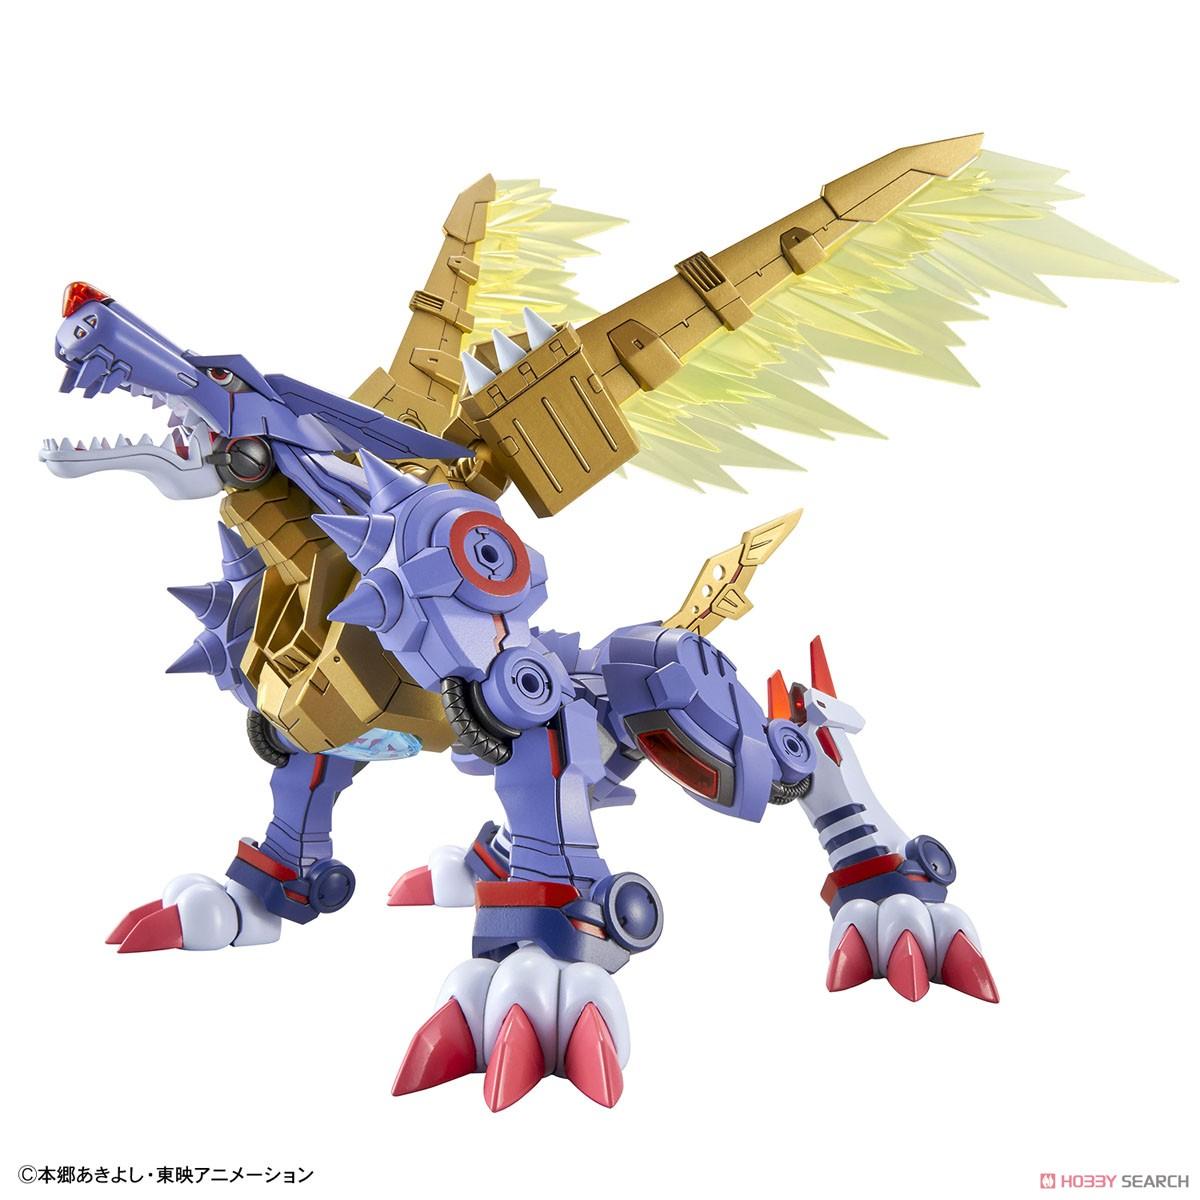 【再販】Figure-rise Standard『メタルガルルモン(AMPLIFIED)』デジモンアドベンチャー プラモデル-008